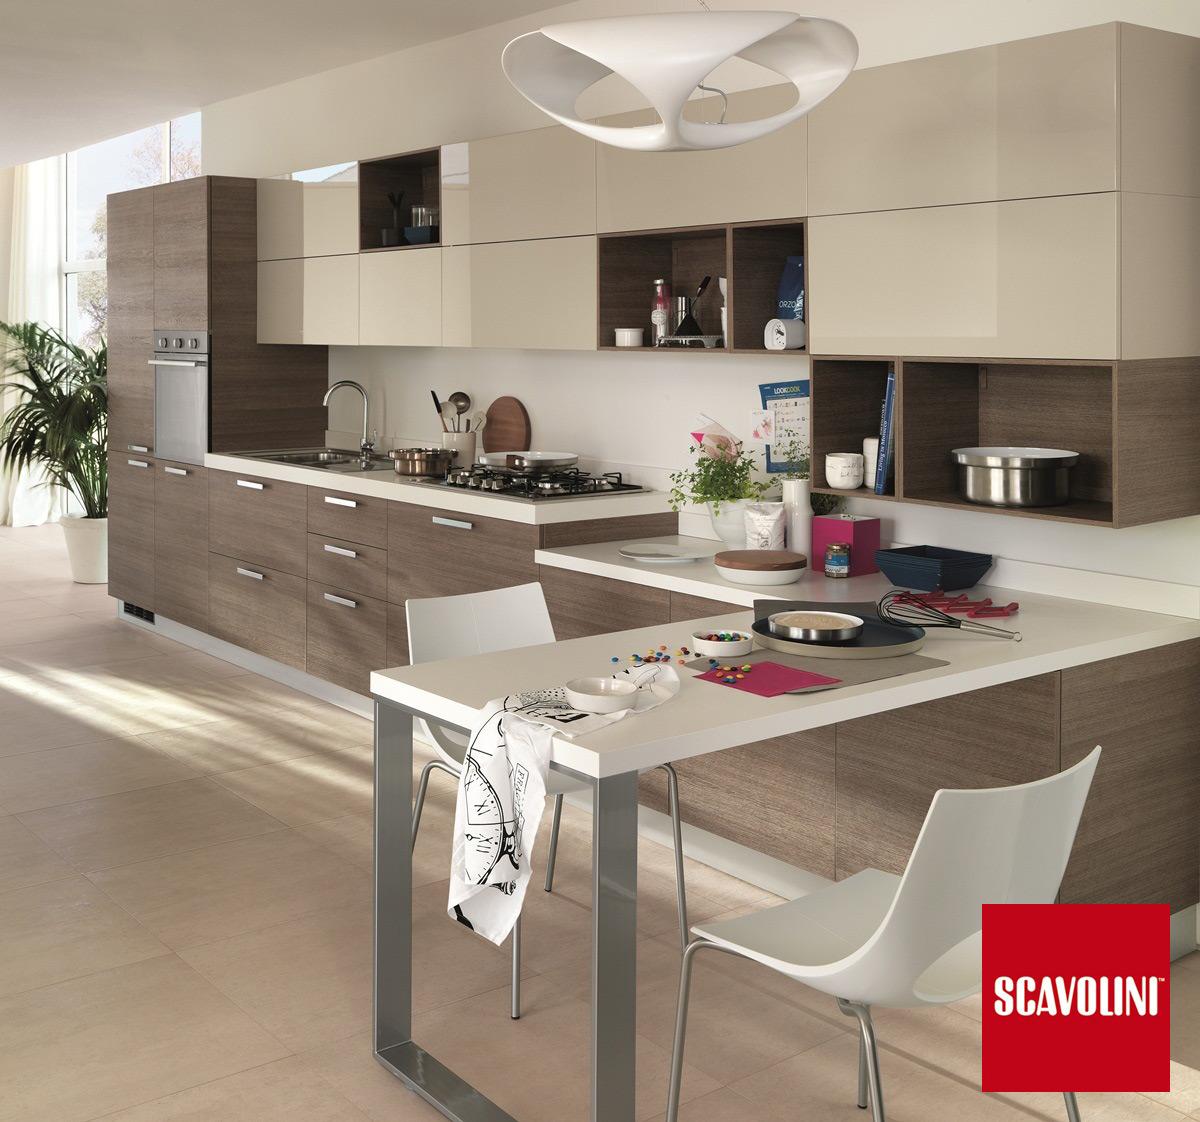 Cucina scavolini sax san gaetano arredamenti for Cucine catalogo